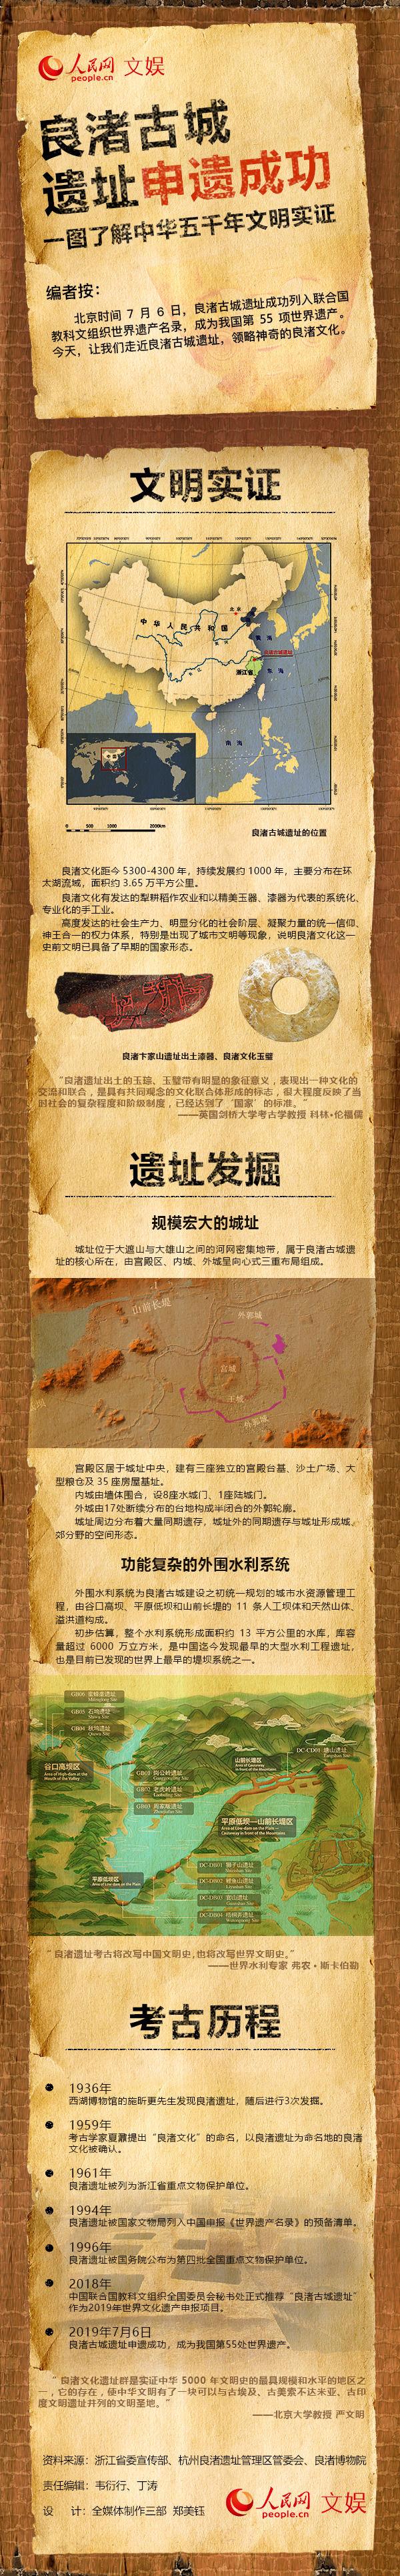 良渚古城遗址申遗成功 一图了解中华五千年文明实证